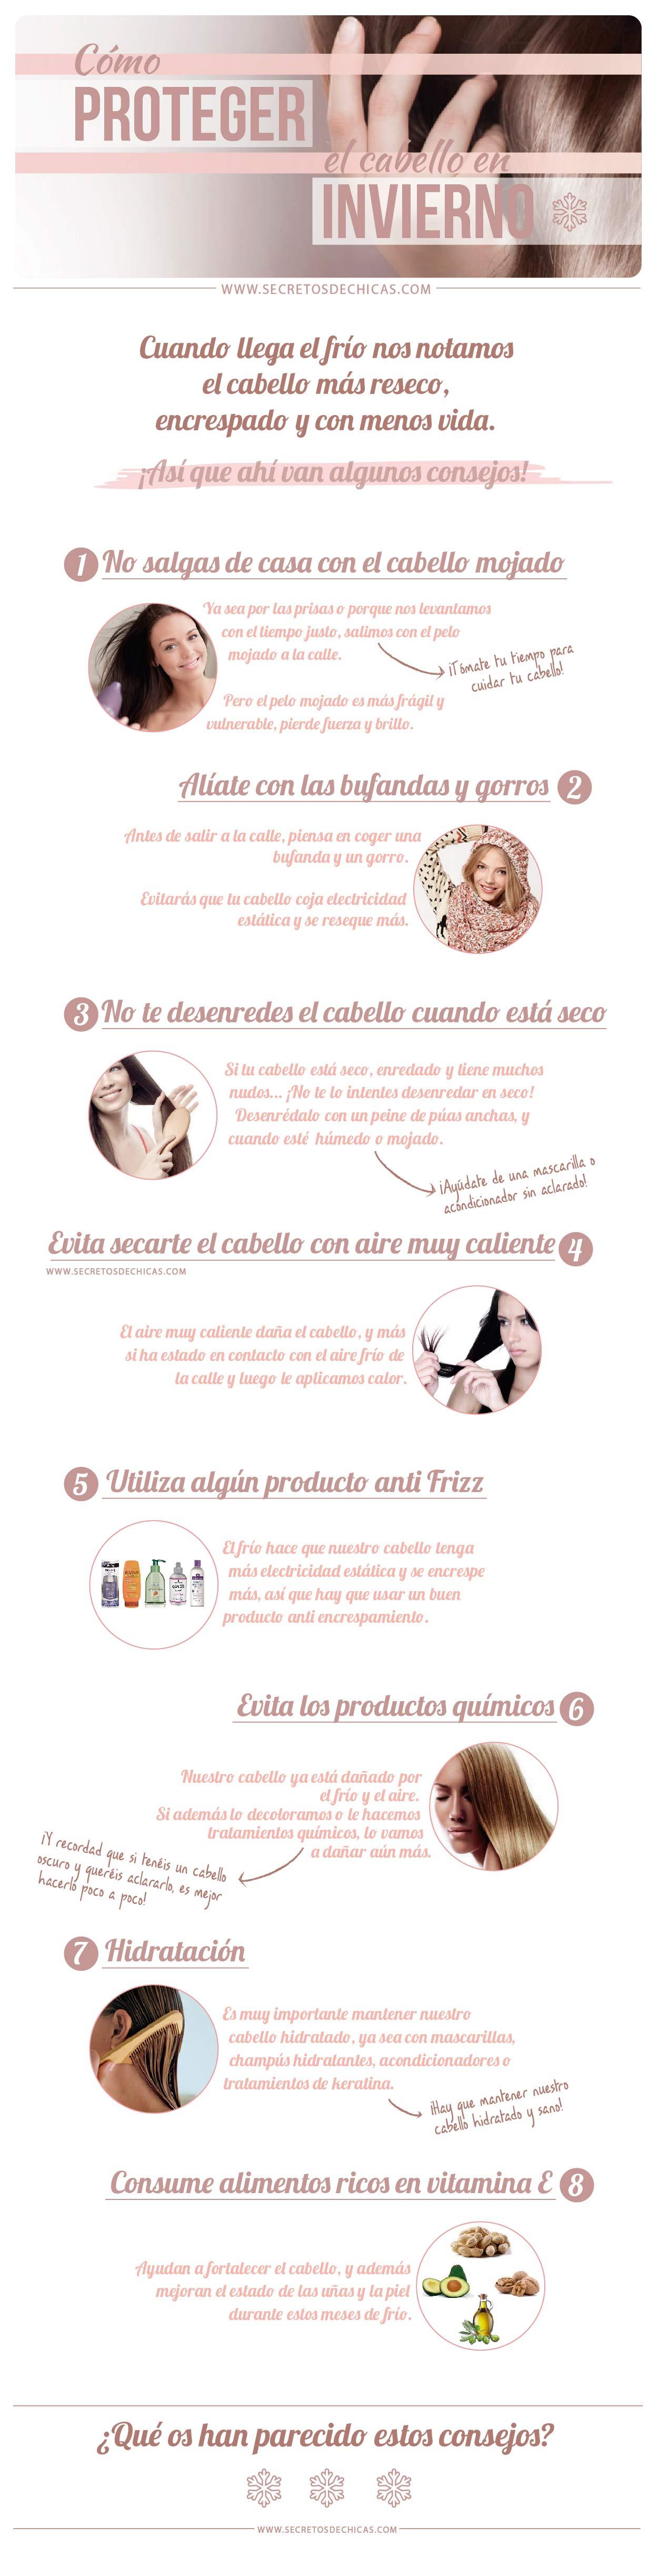 Cómo Proteger El Cabello En Invierno Cabello Secretos De Chicas Rutina De Belleza